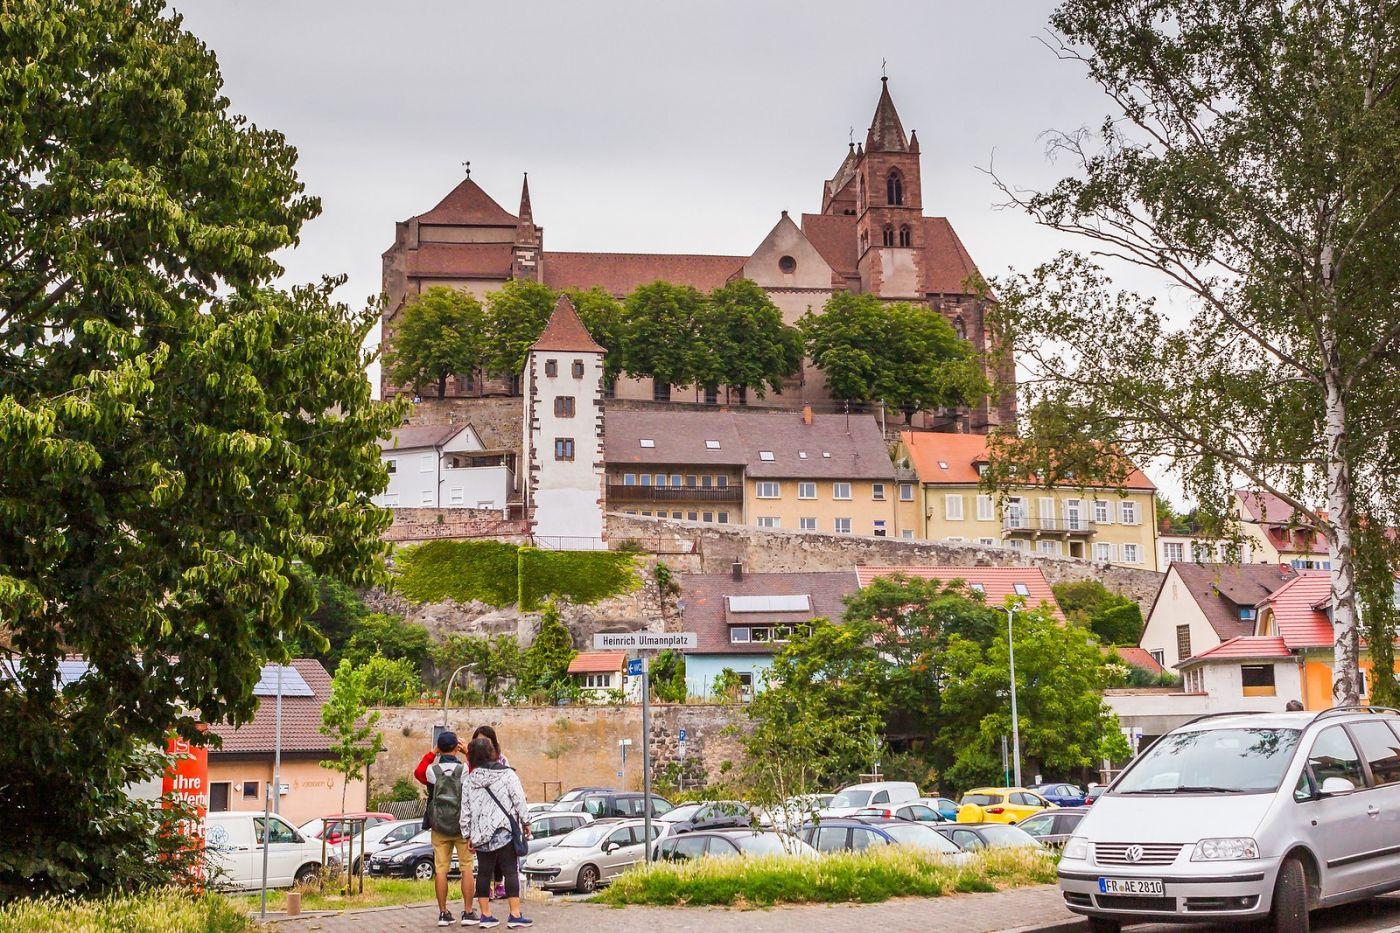 德国布赖萨赫(Breisach),城小历史久_图1-19